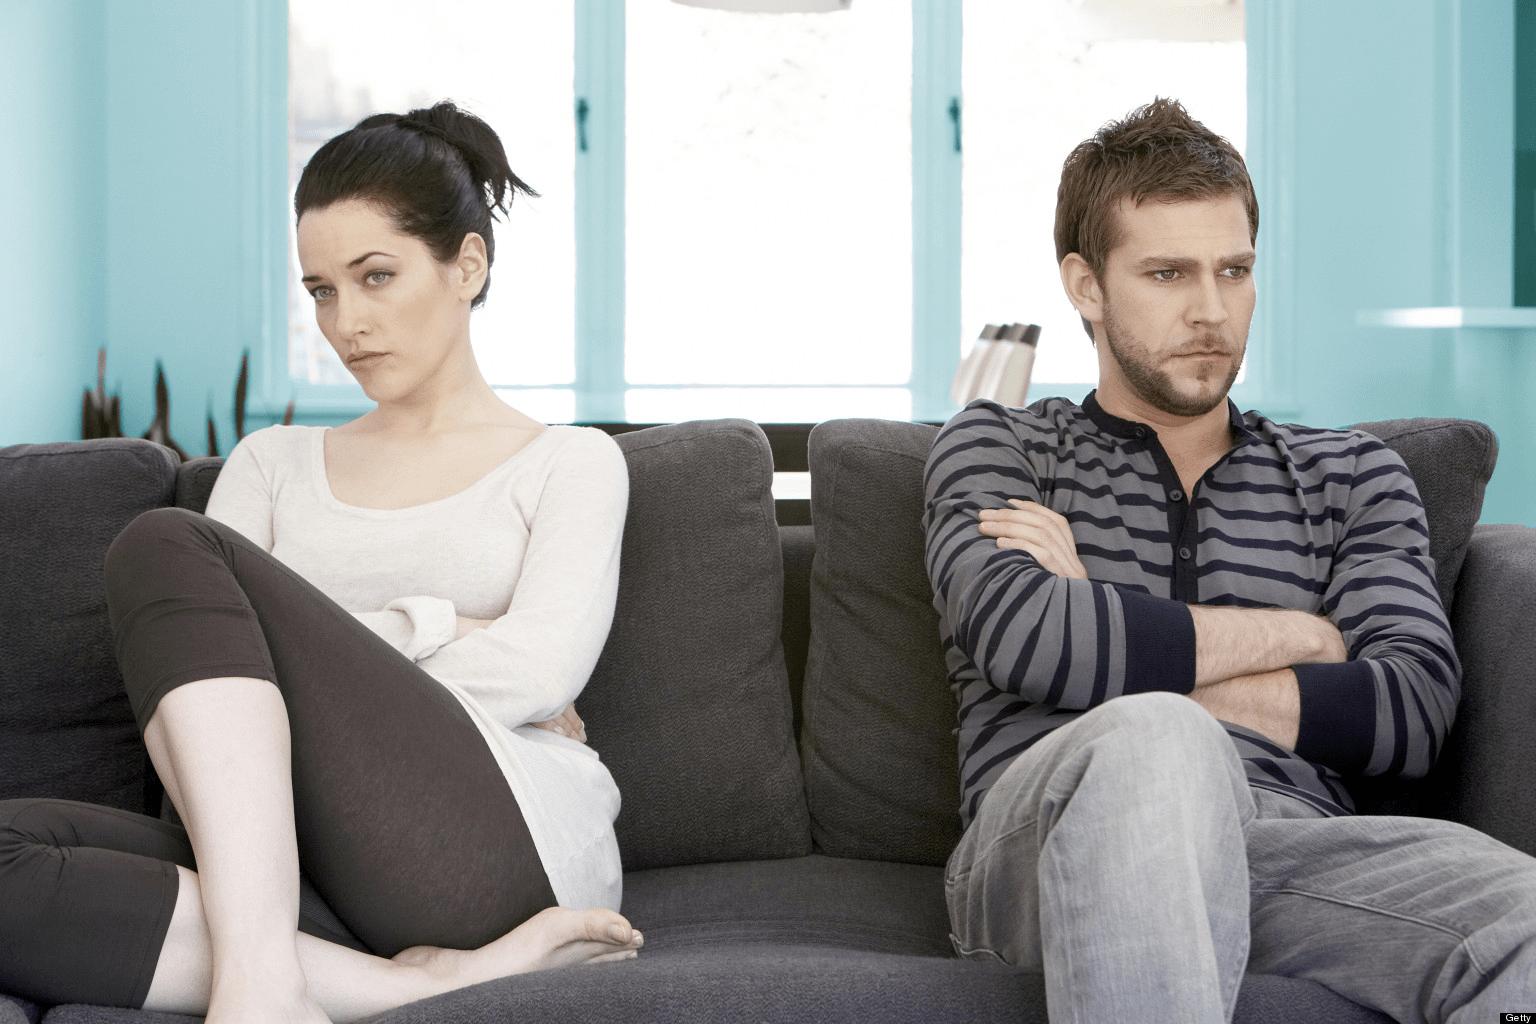 Término de namoro sem trauma – existe vida após o fim